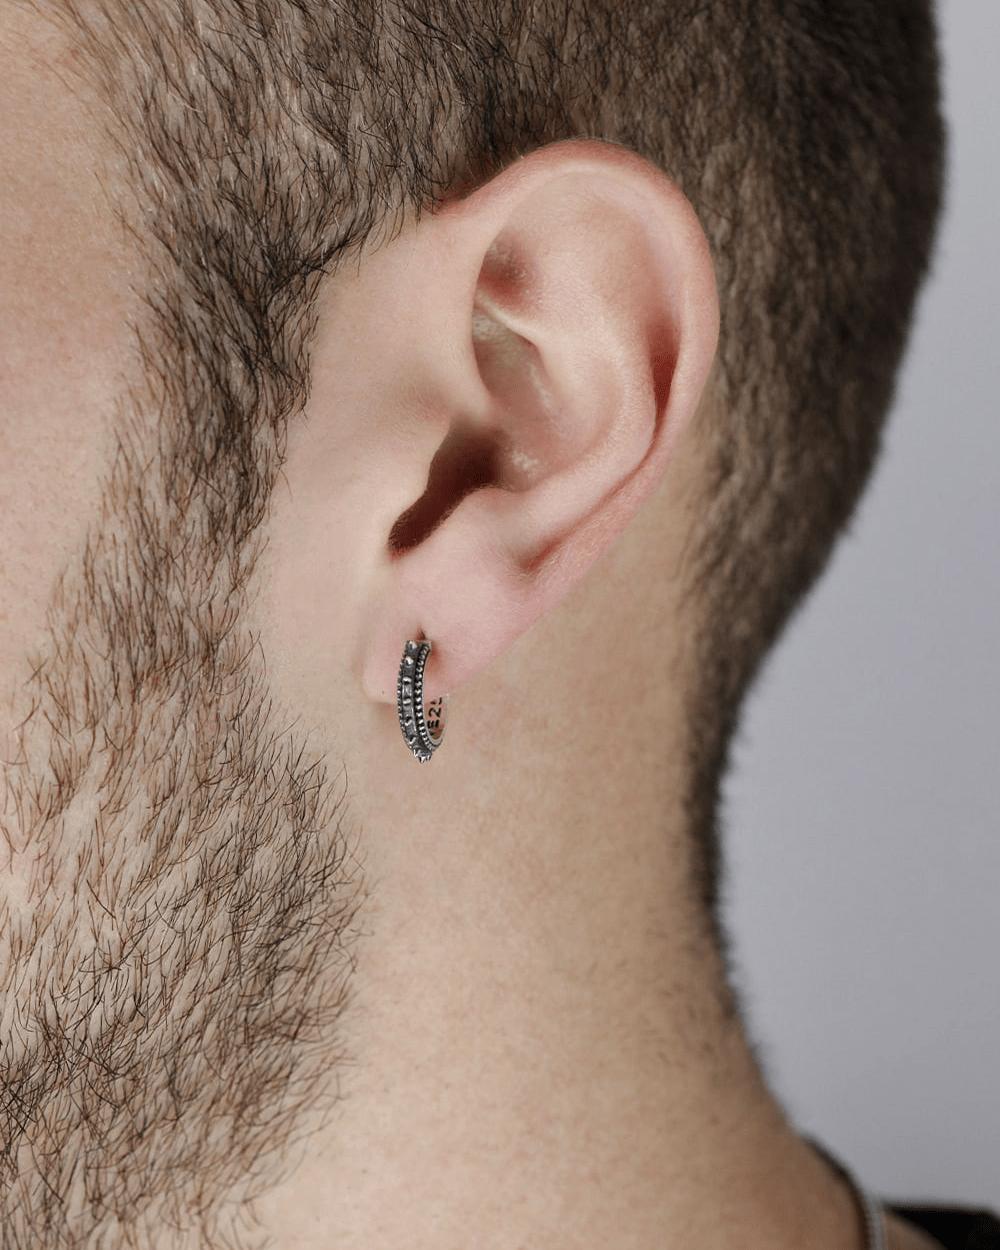 Earrings ETHNIC SMALL HOOP PAIR EARRINGS NOVE25